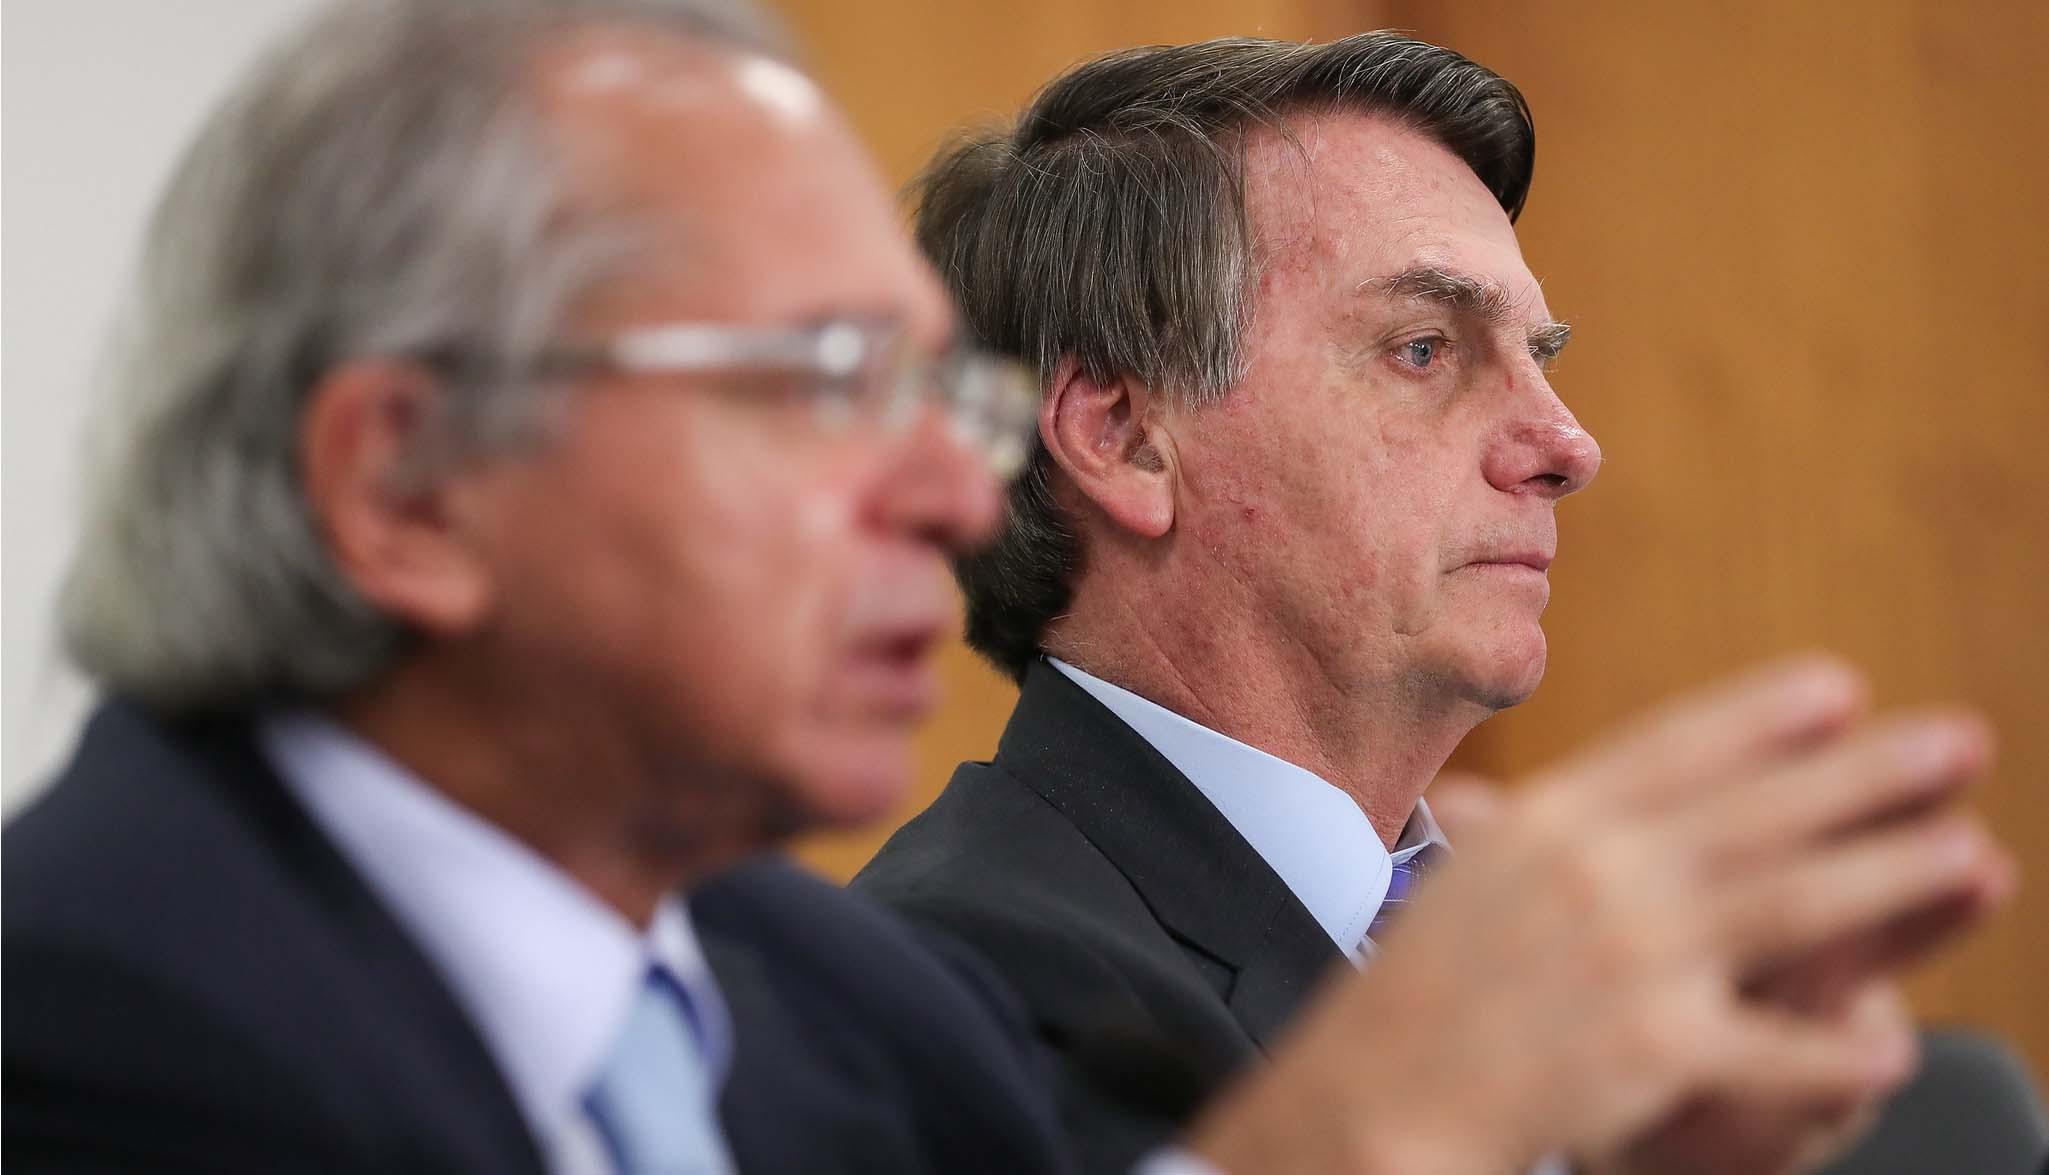 03.06.2020 - Brasília/DF - Presidente Jair Bolsonaro durante reunião com a Deputada Carla Zambelli (PSL:SP) e empresários do estado do Ceará. Foto: Marcos Corrêa/PR